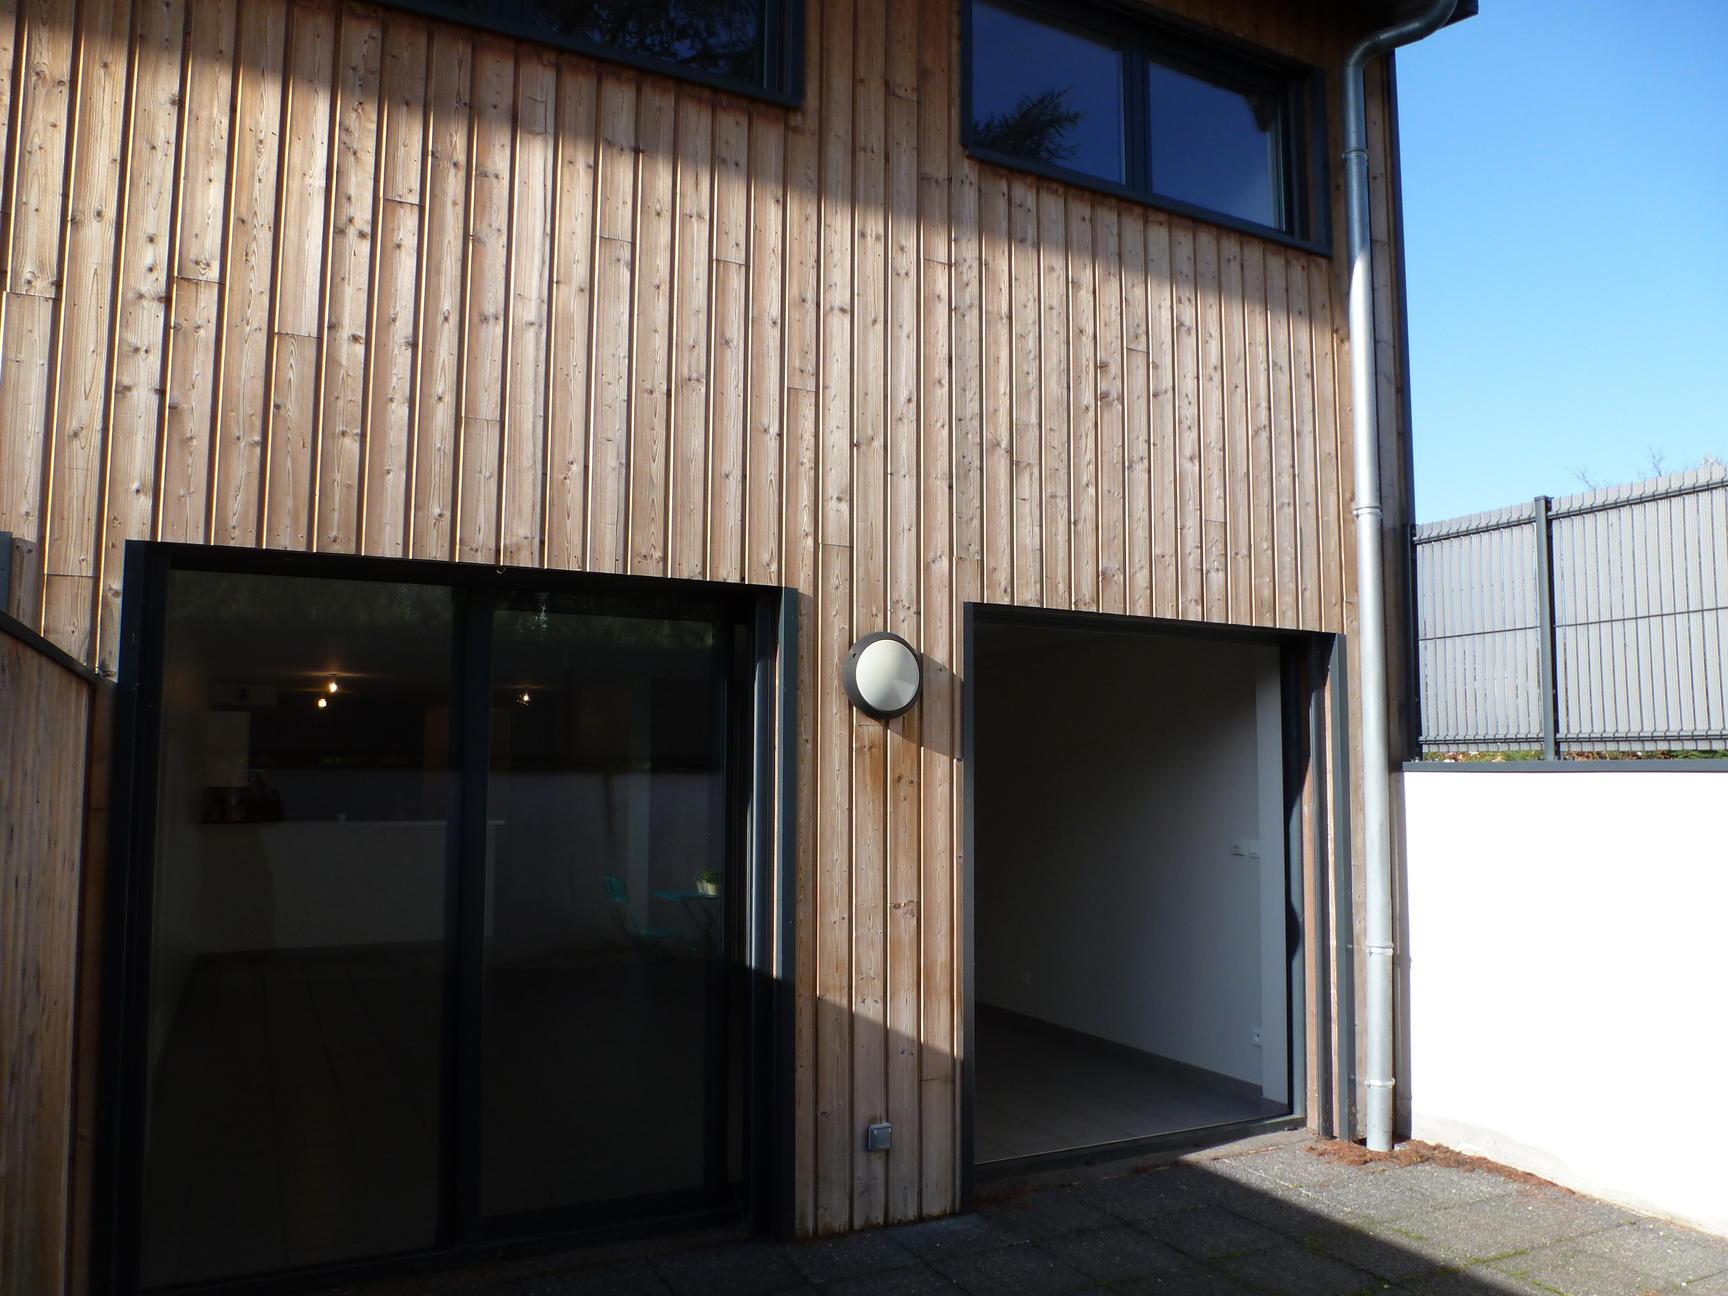 appartement recent 3ch 122m2 - La Tour-de-Salvagny